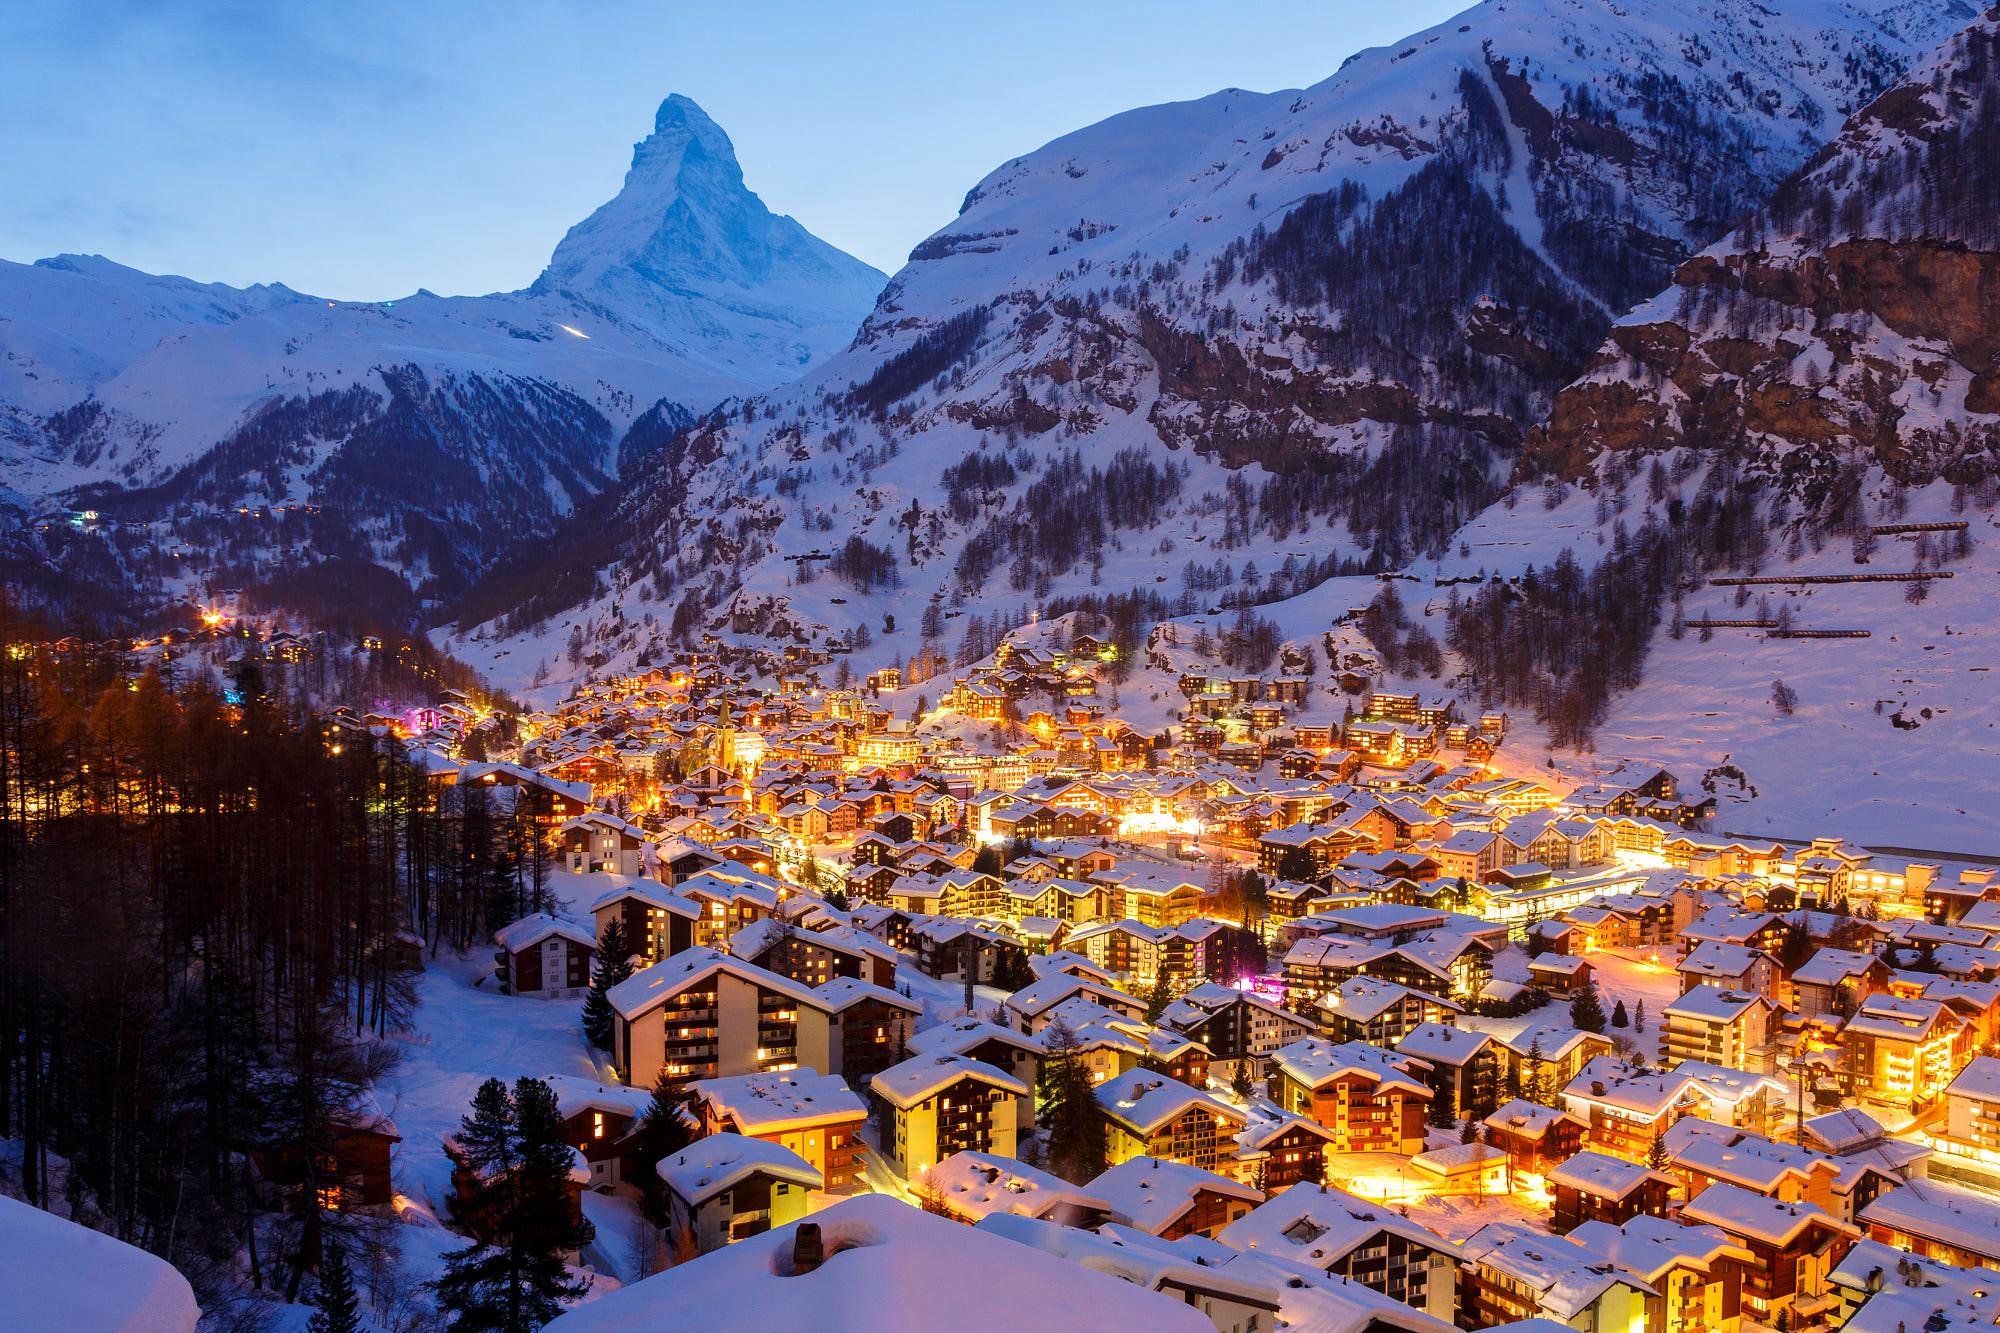 Du lịch năm châu: Làng Zermatt Thụy Sĩ - điểm đến hấp dẫn chìm trong tuyết  trắng